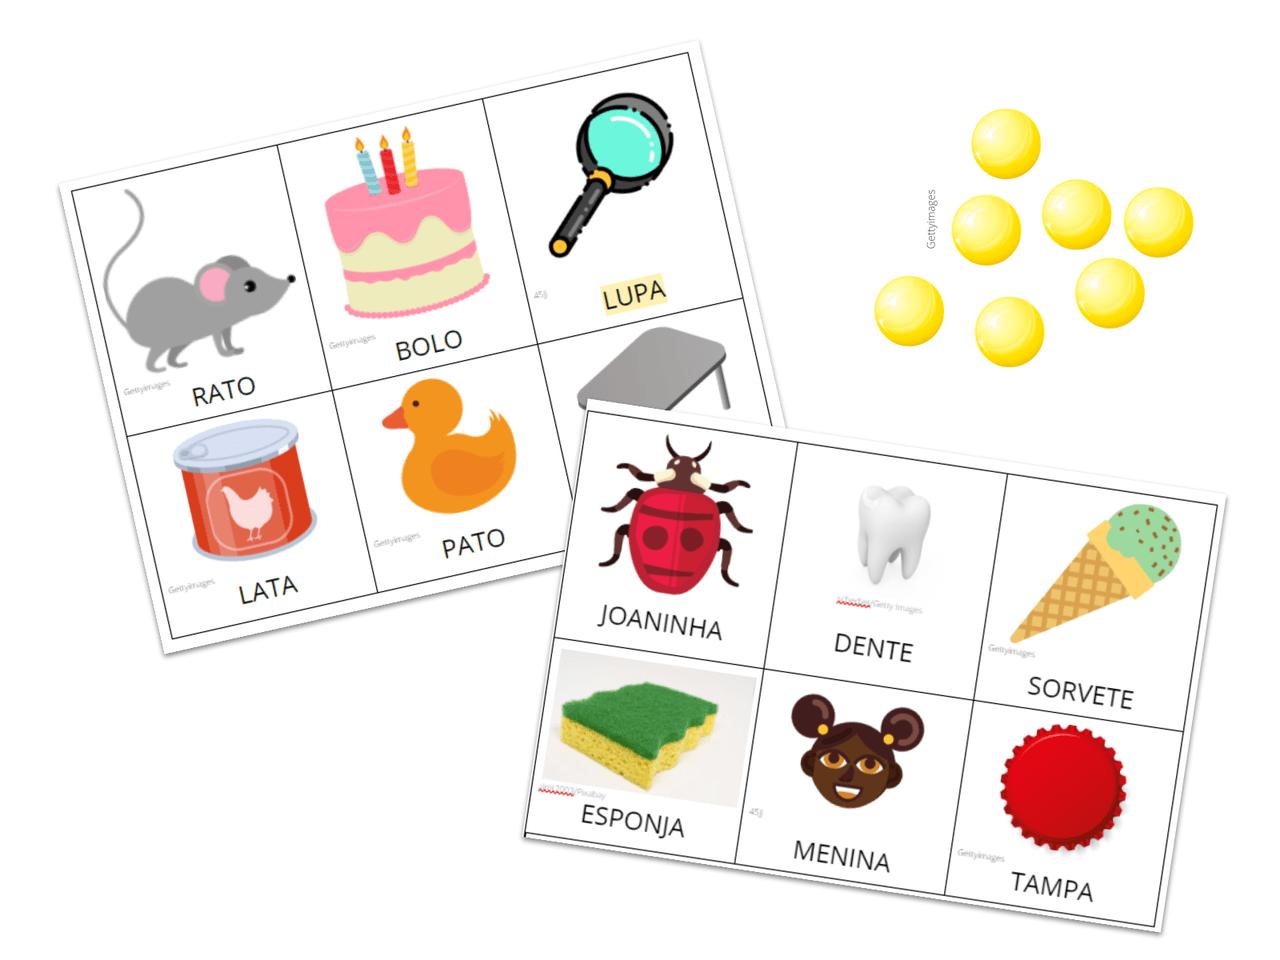 Plano De Aula 1º Ano Lingua Portuguesa Bingo De Silabas Iniciais